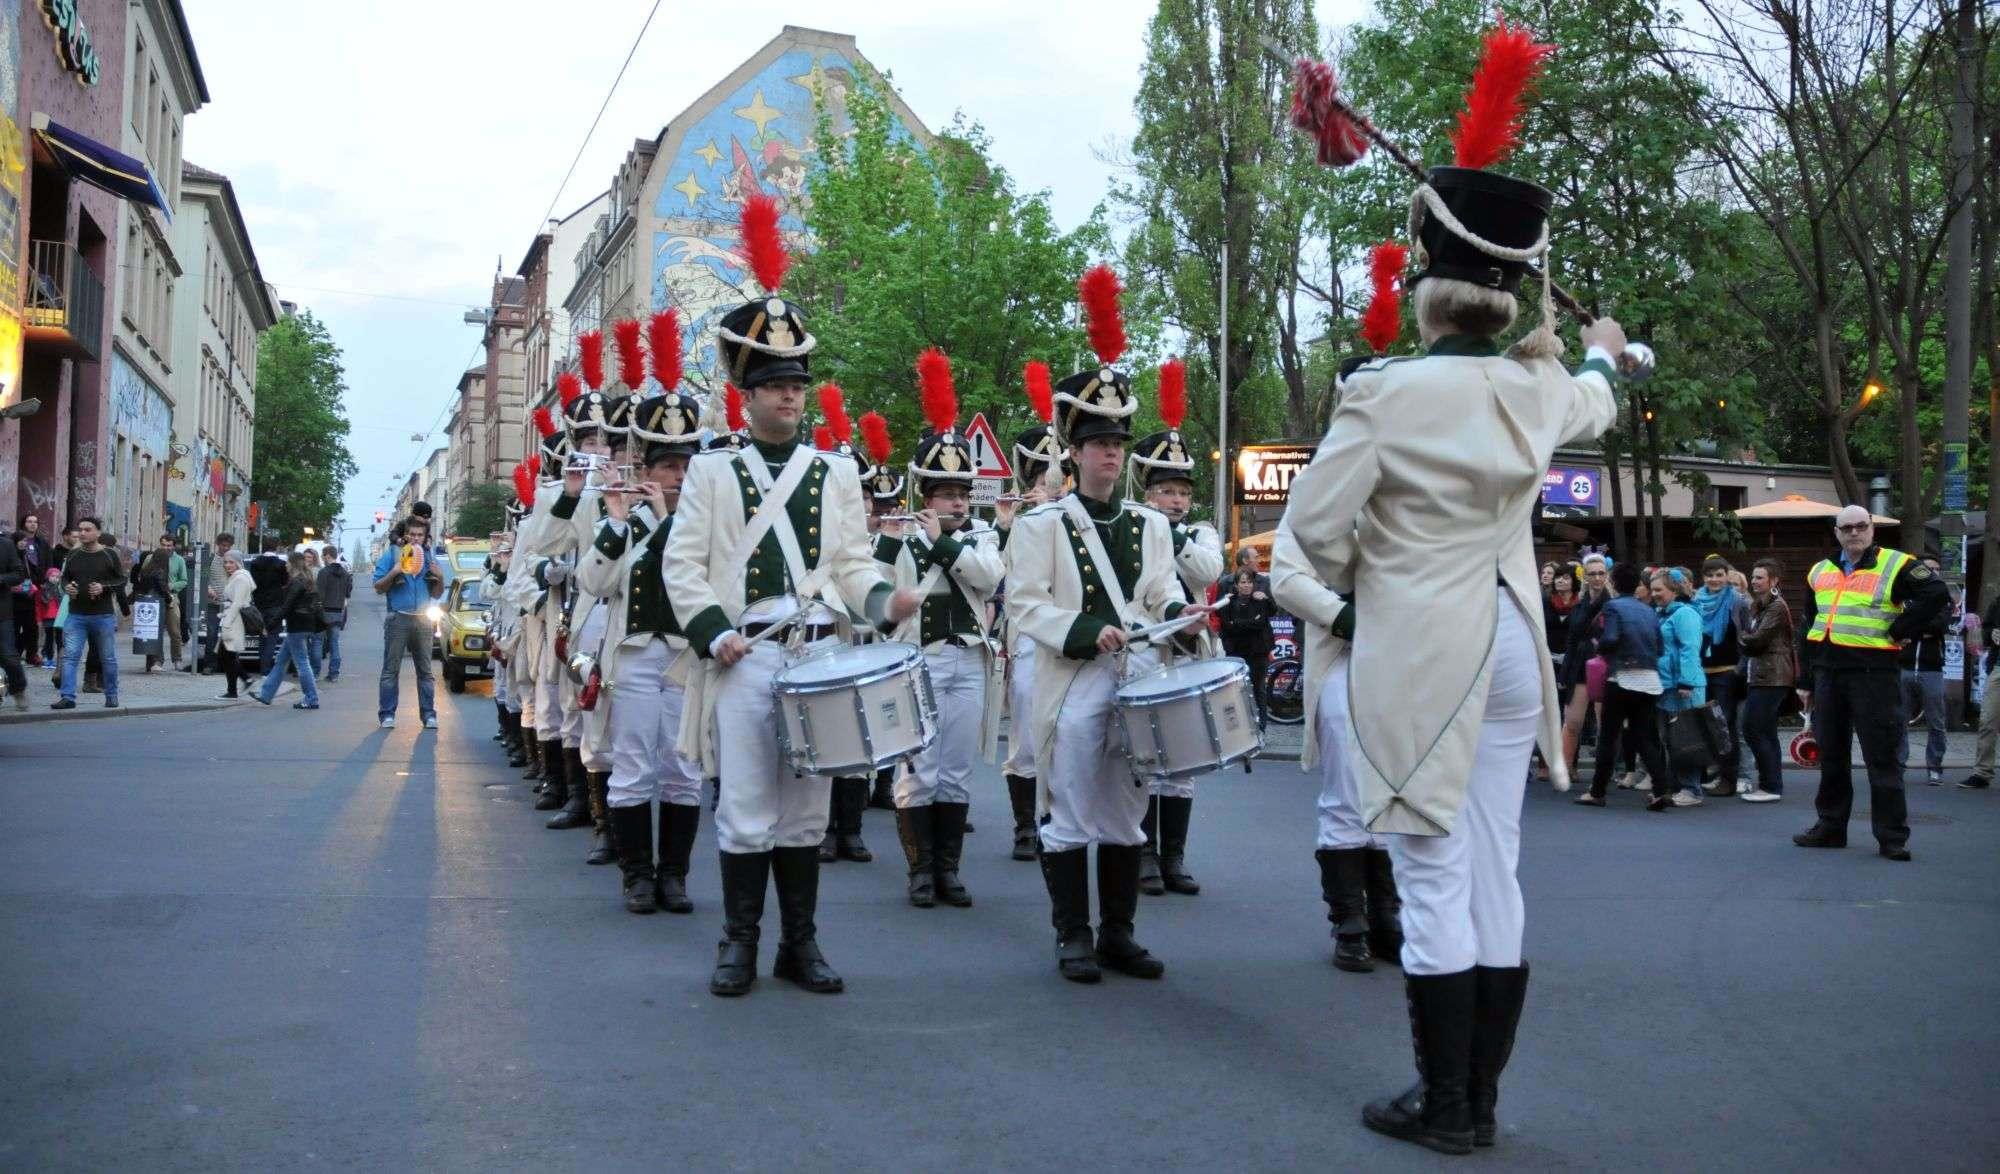 Spielmanns-Umzug durch die Neustadt, organisiert und gefördert von Eck-Stein-Chef Ferenc Weidel.